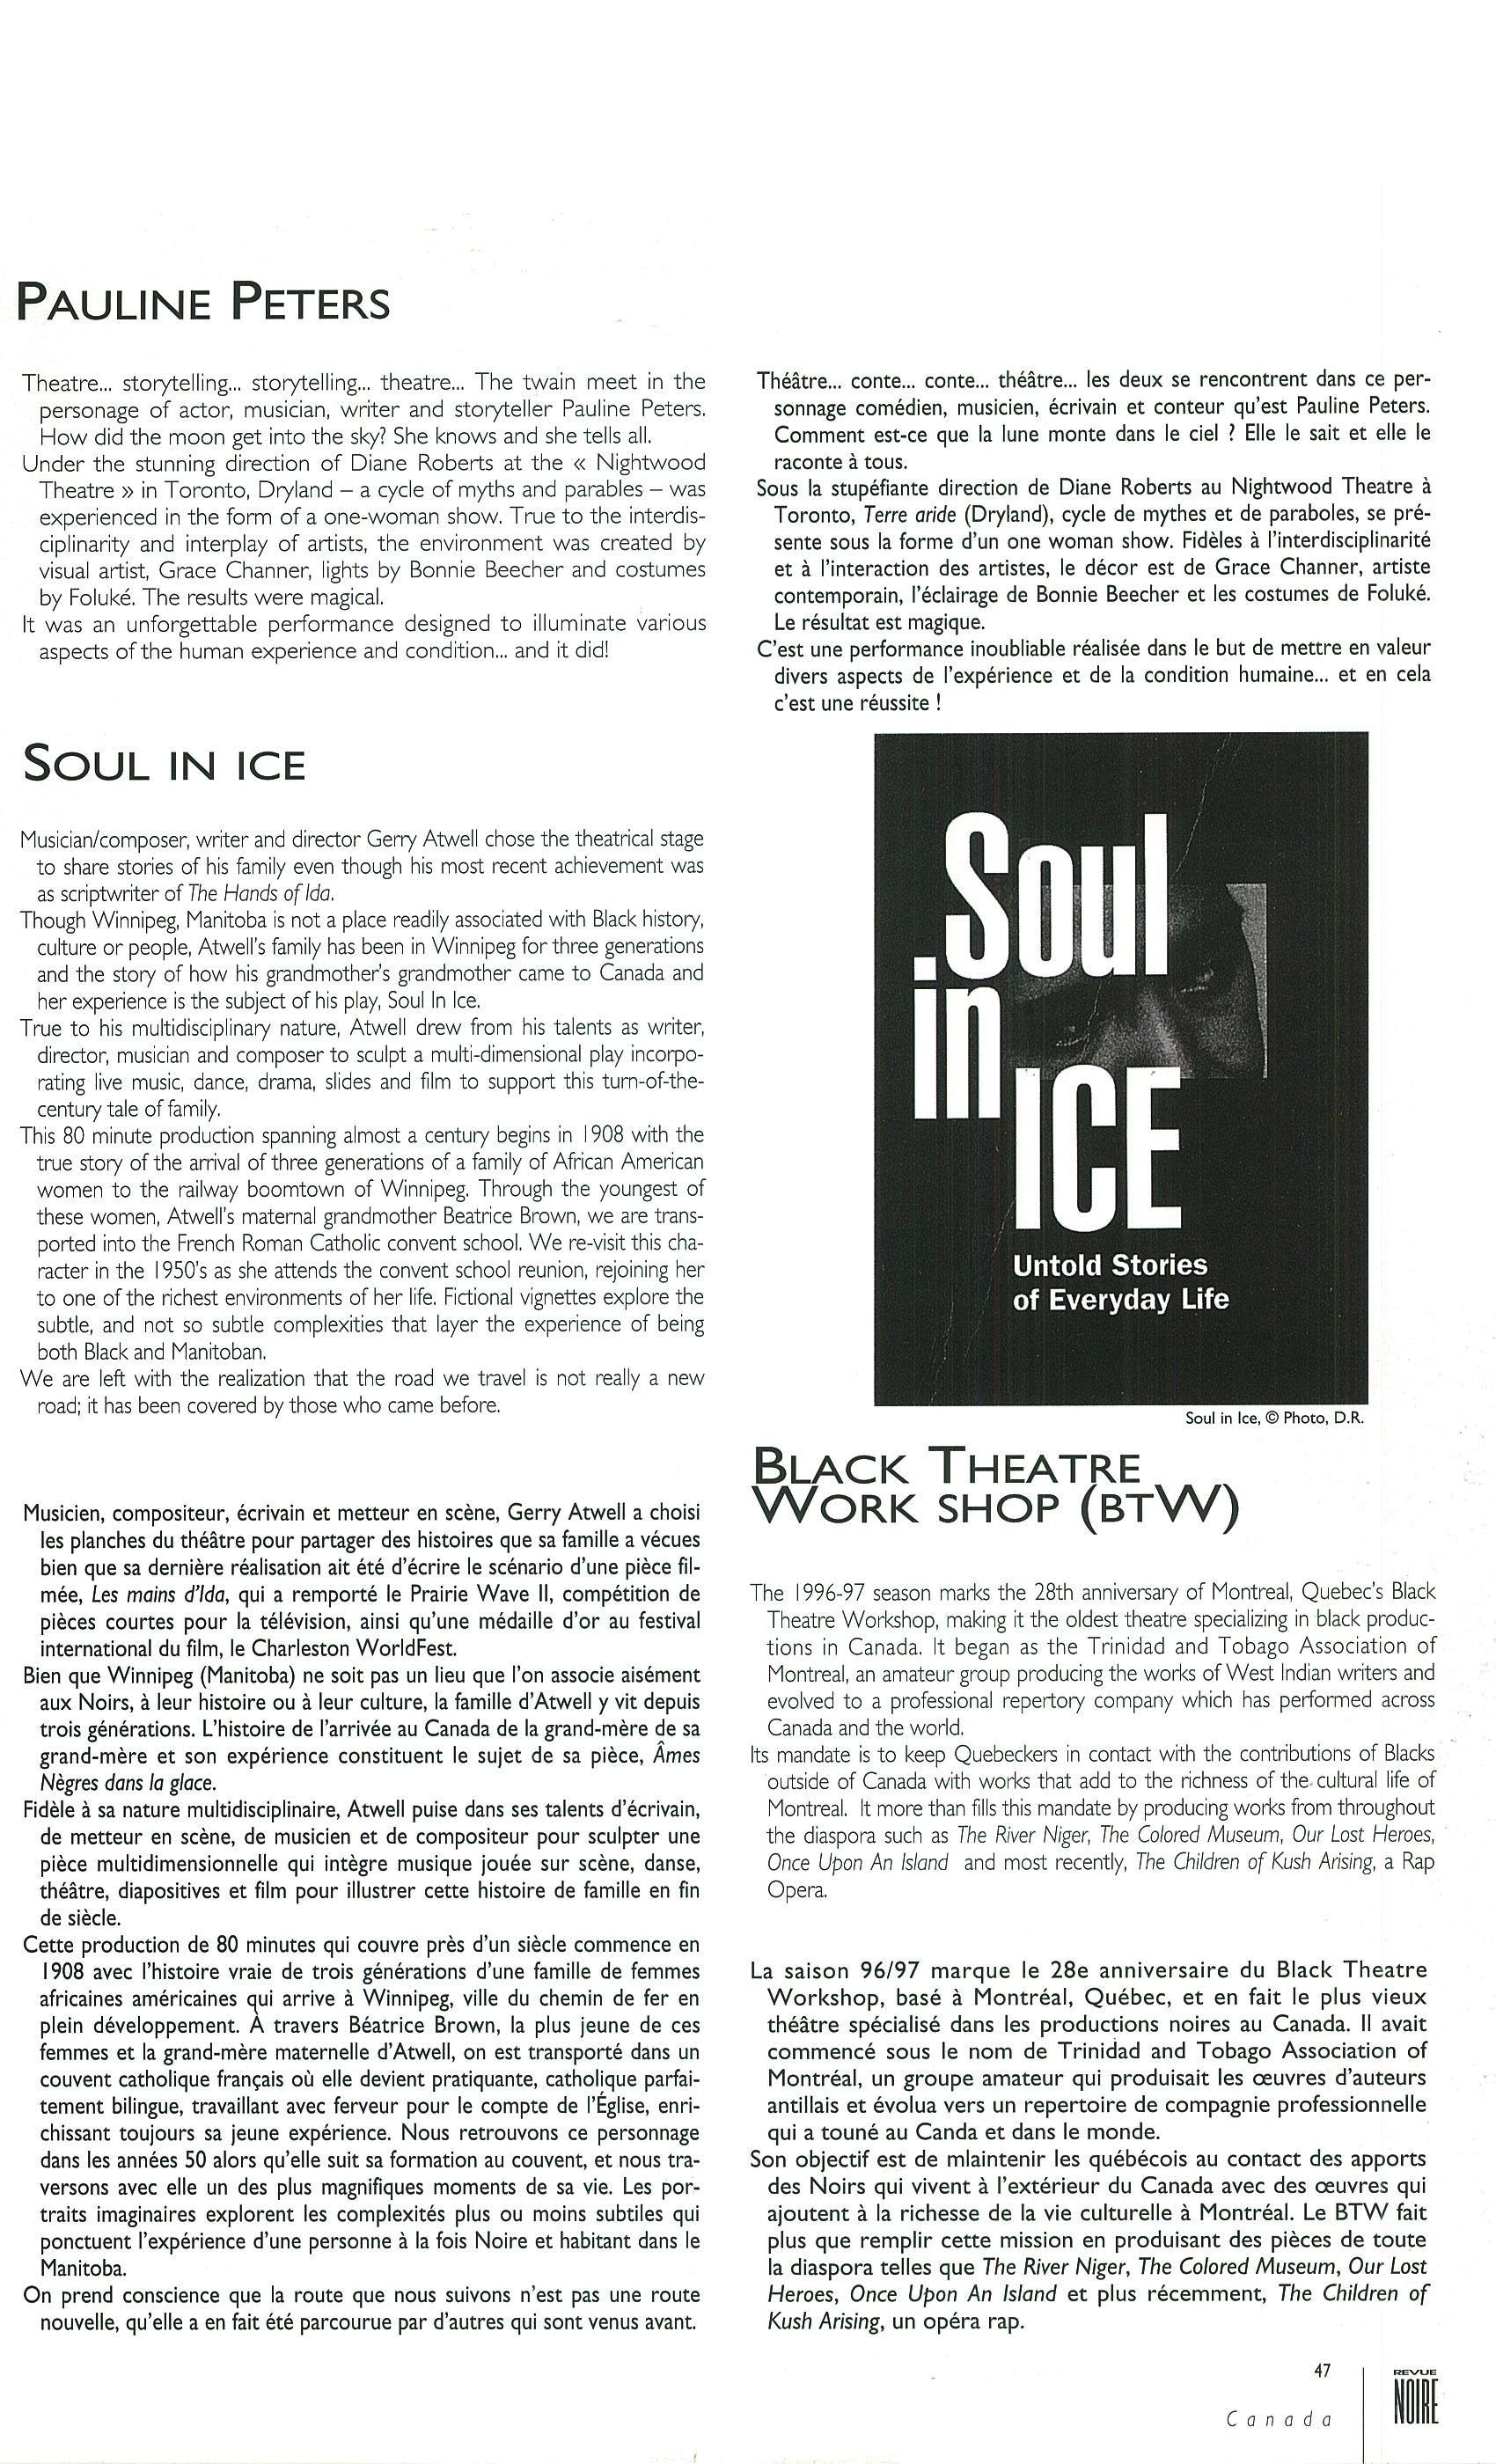 2. Revue Noire book_Page_049